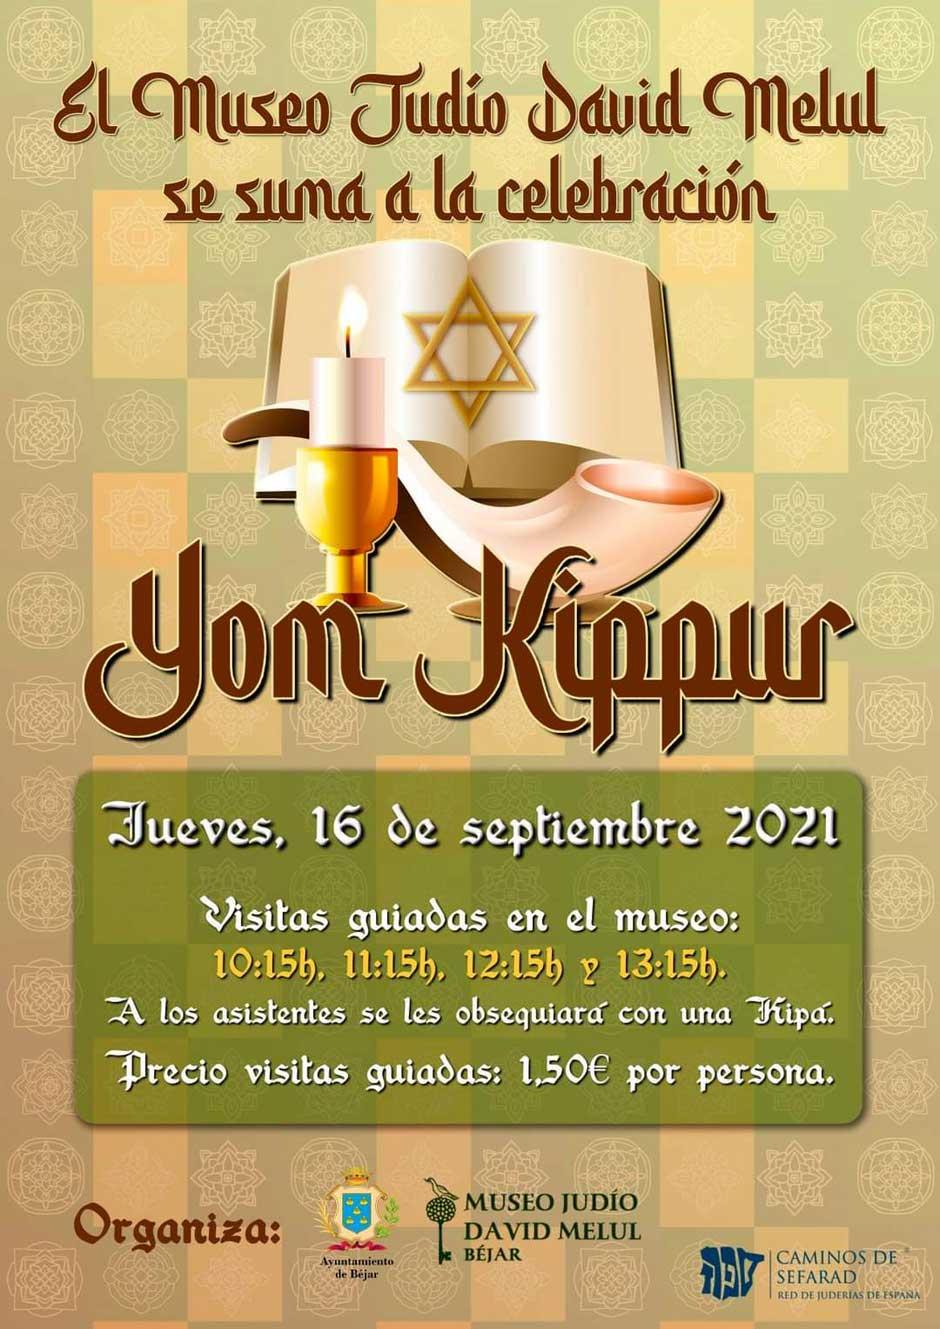 Fiestas Judías Red de Juderías de España Caminos de Sefarad